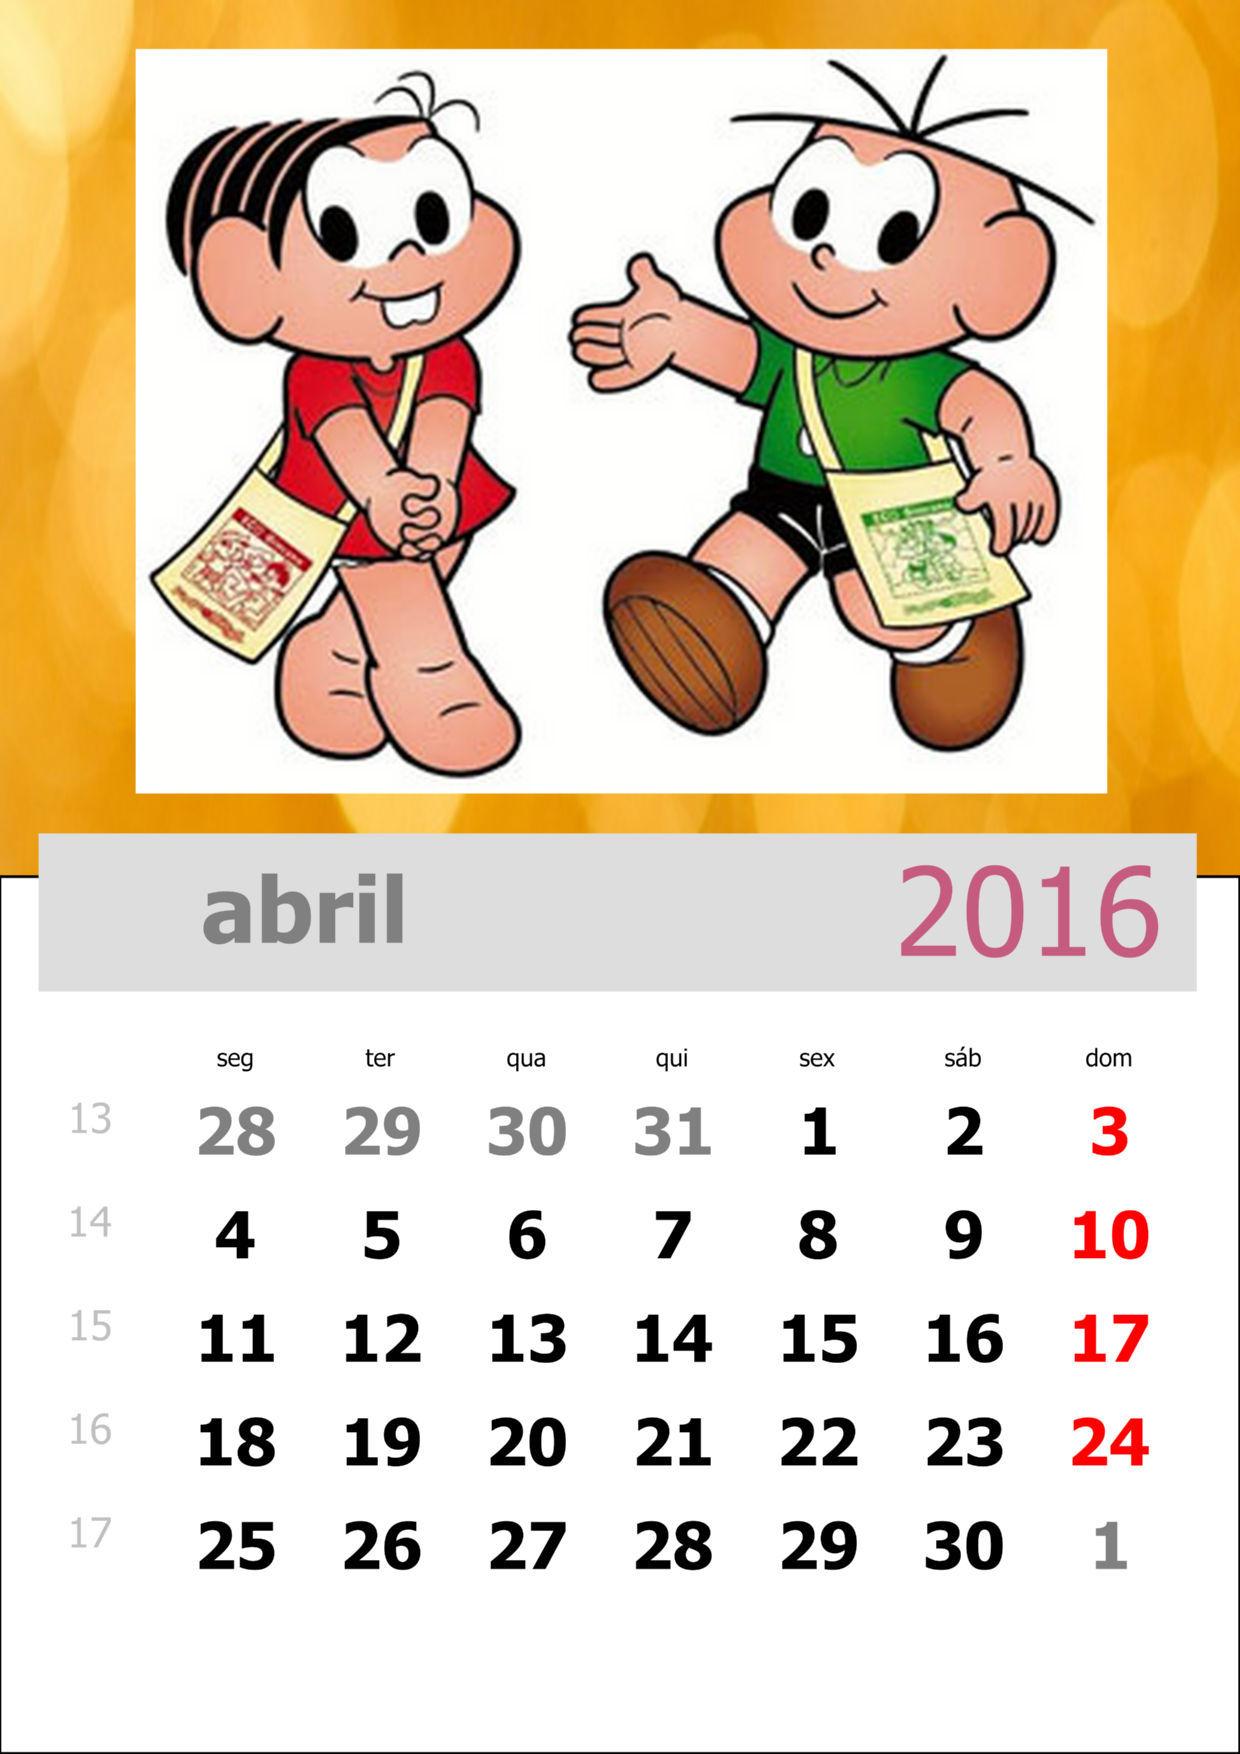 Calendário da Turma da Mônica 2016 - Mês de abril